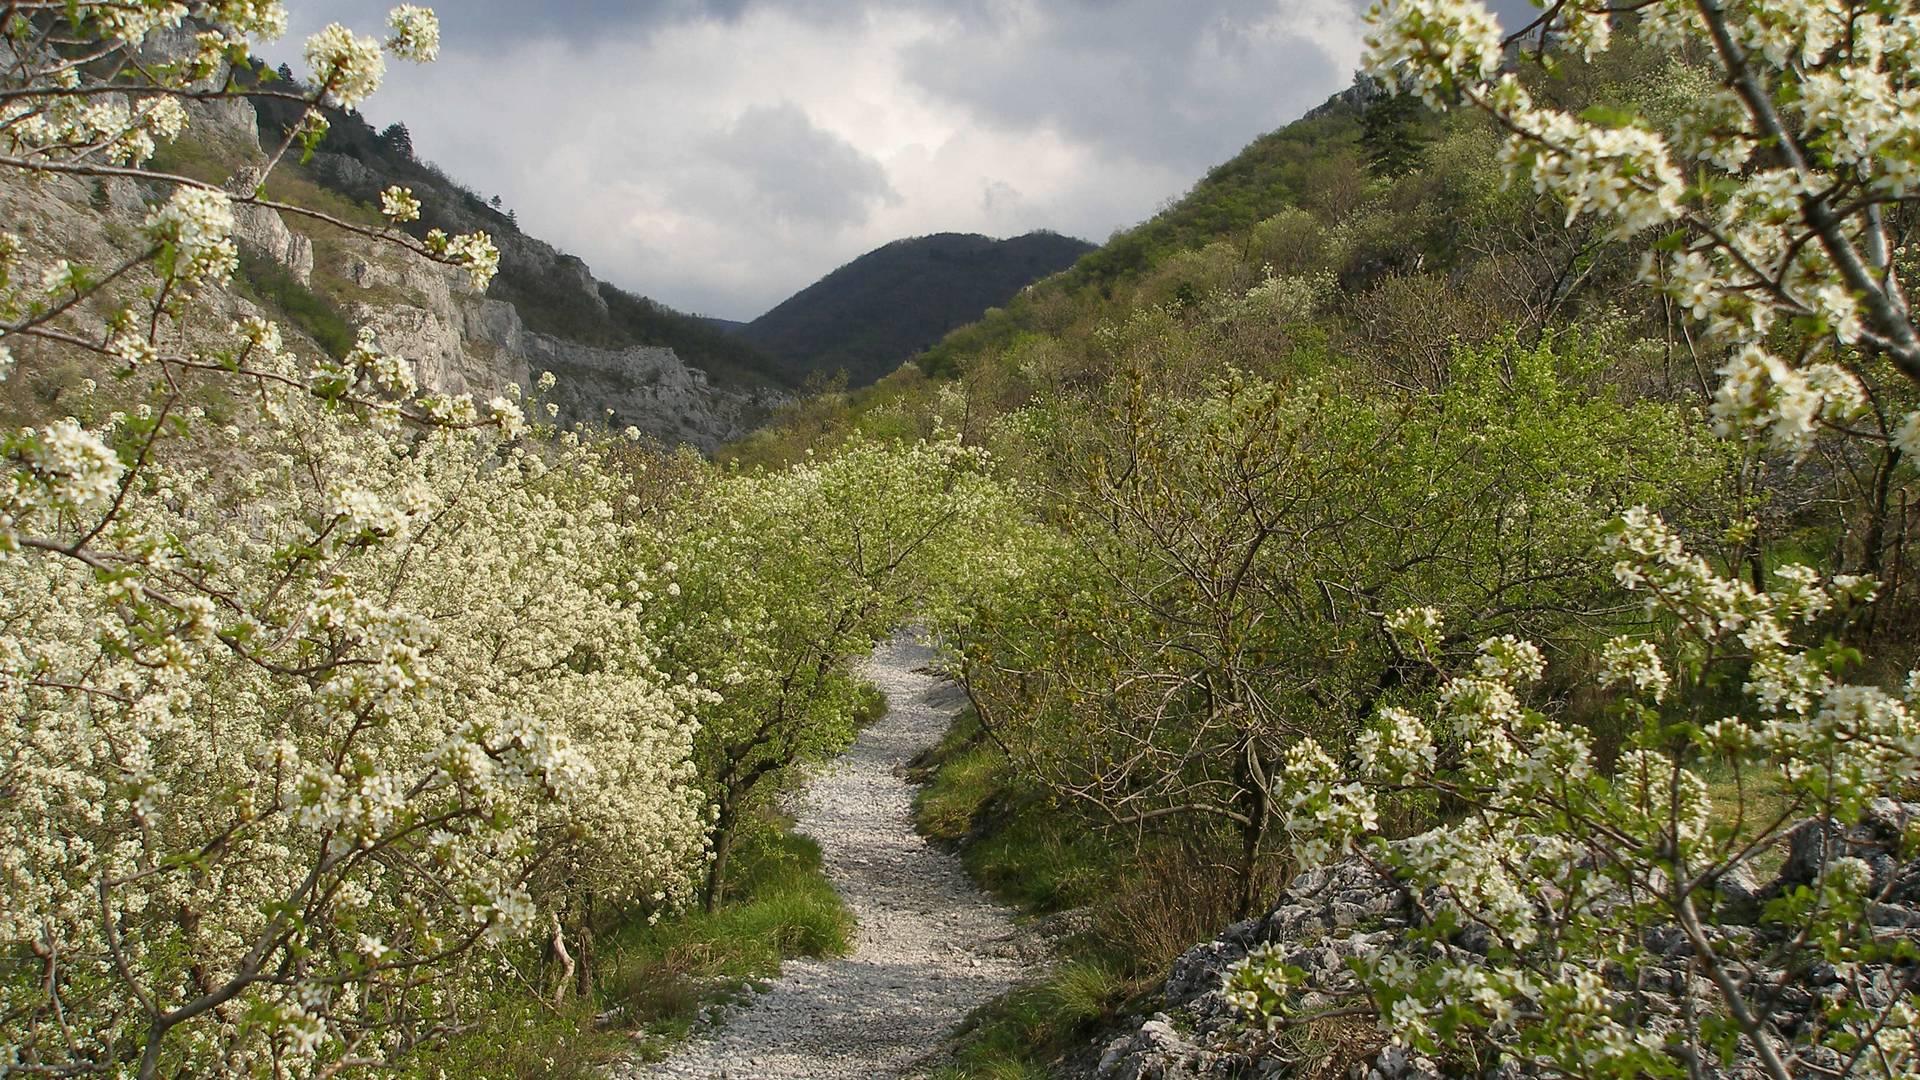 Val rosandra einziger taleinschnitt des triestiner karsts beeindruckt als naturschutzgebiet mit zahlreichen naturschonheiten und historischen denkmalern original